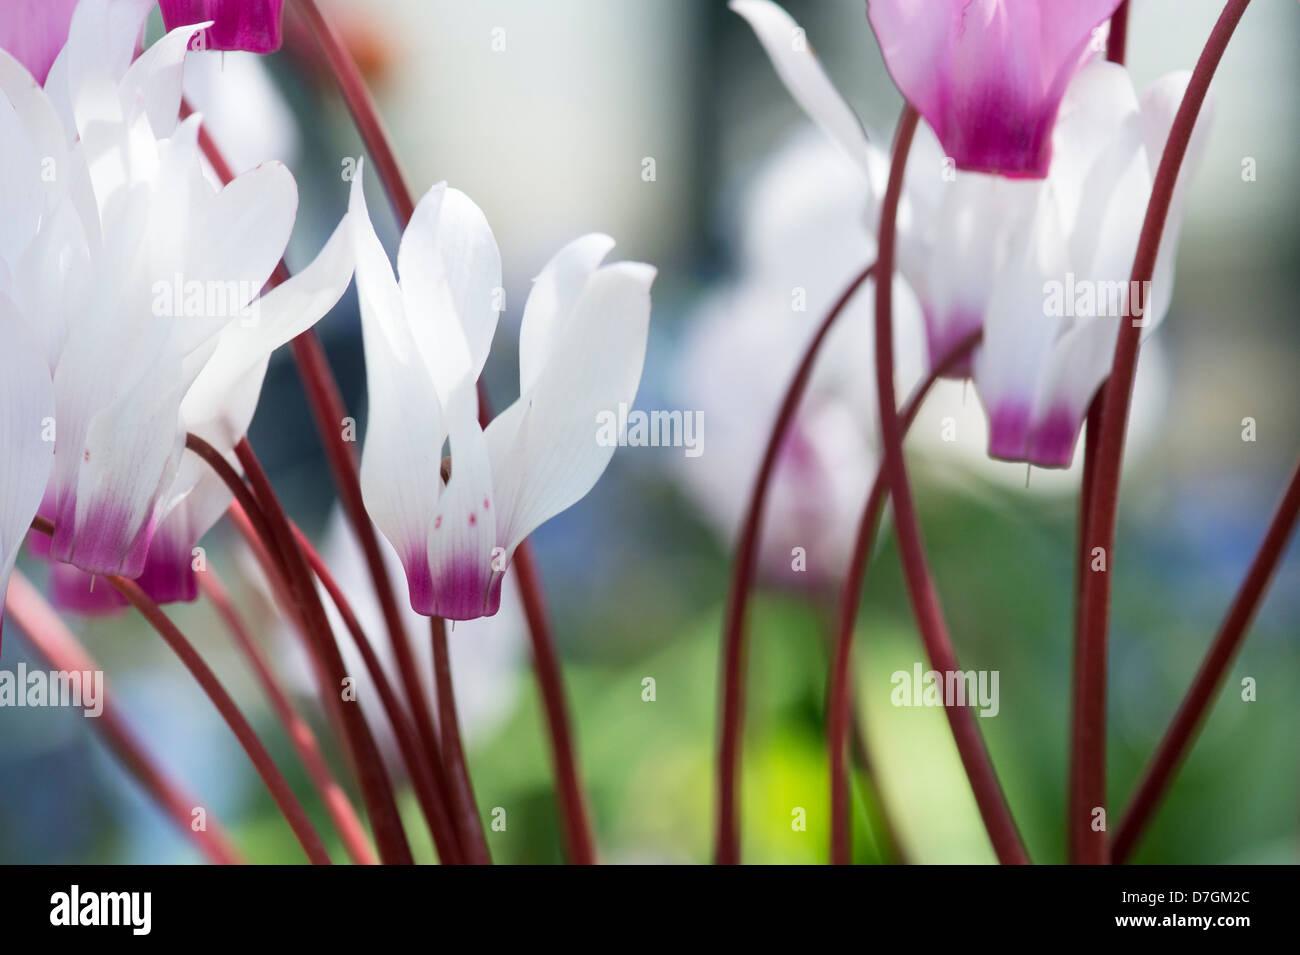 Cyclamen persicum. Persian cyclamen - Stock Image